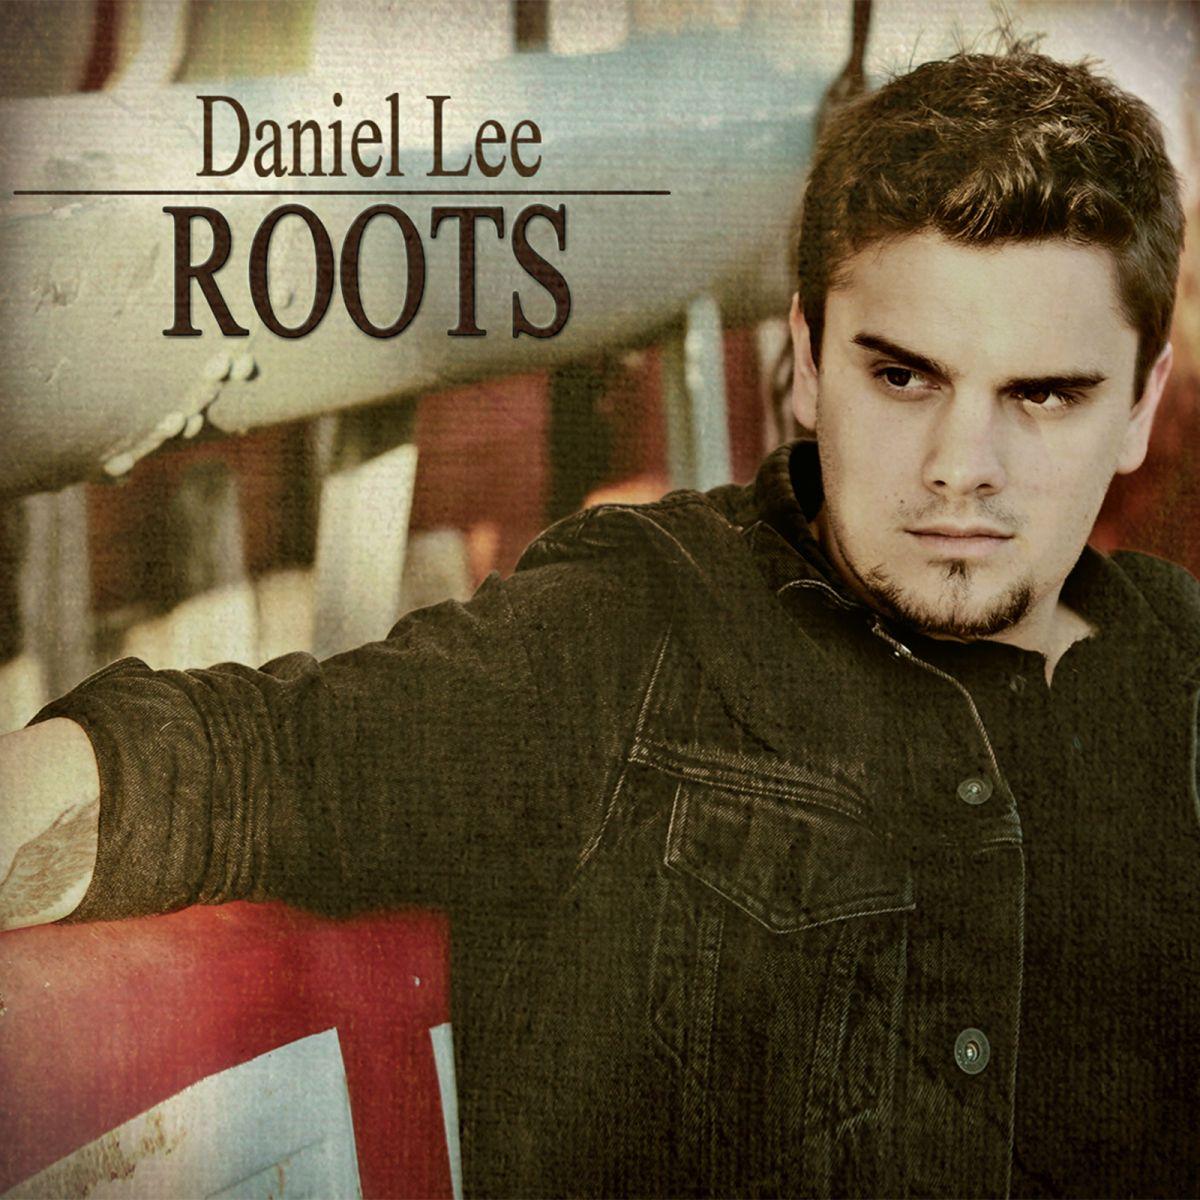 Daniel Lee roots album review